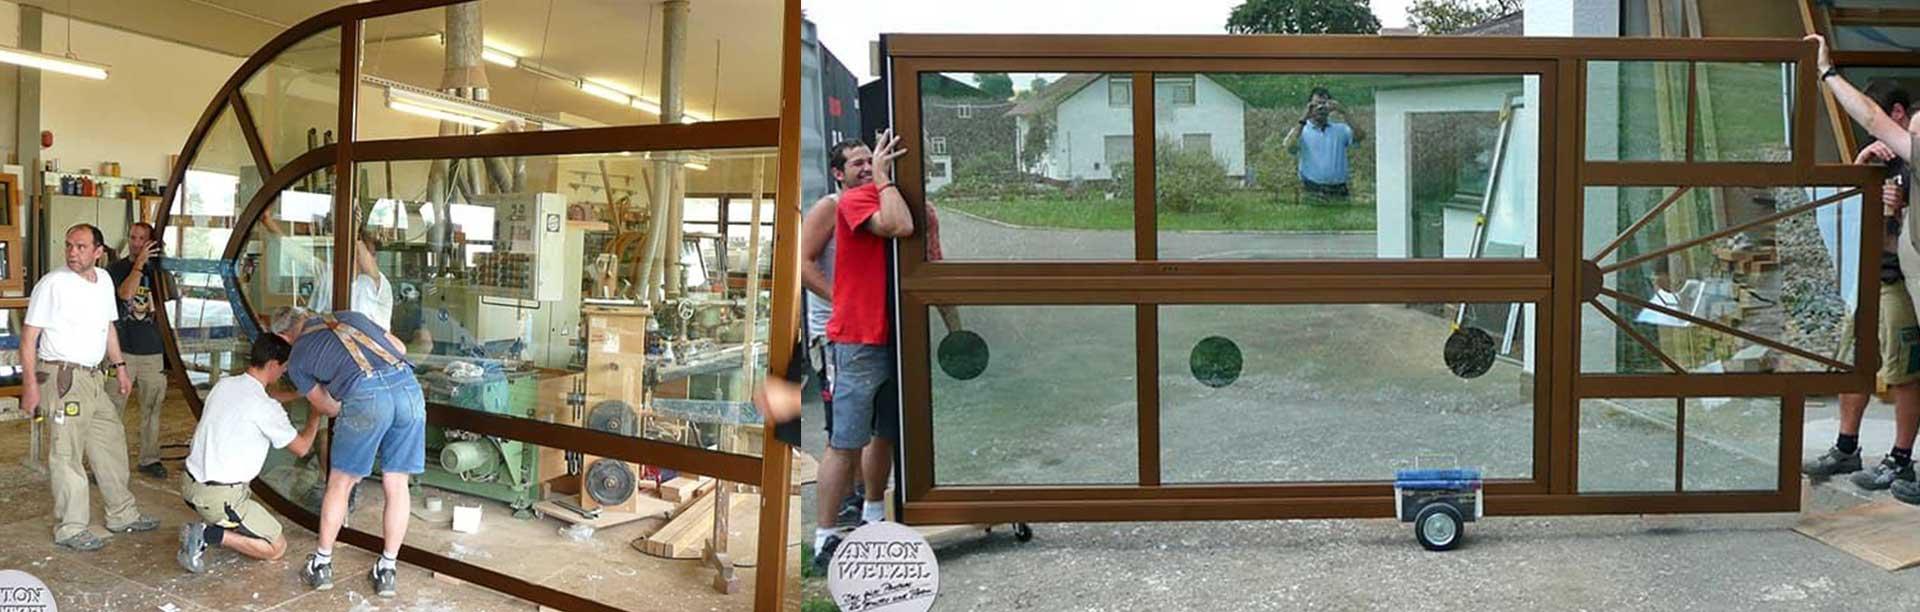 Деревянные окна фабрики Anton Wetzel GmbH